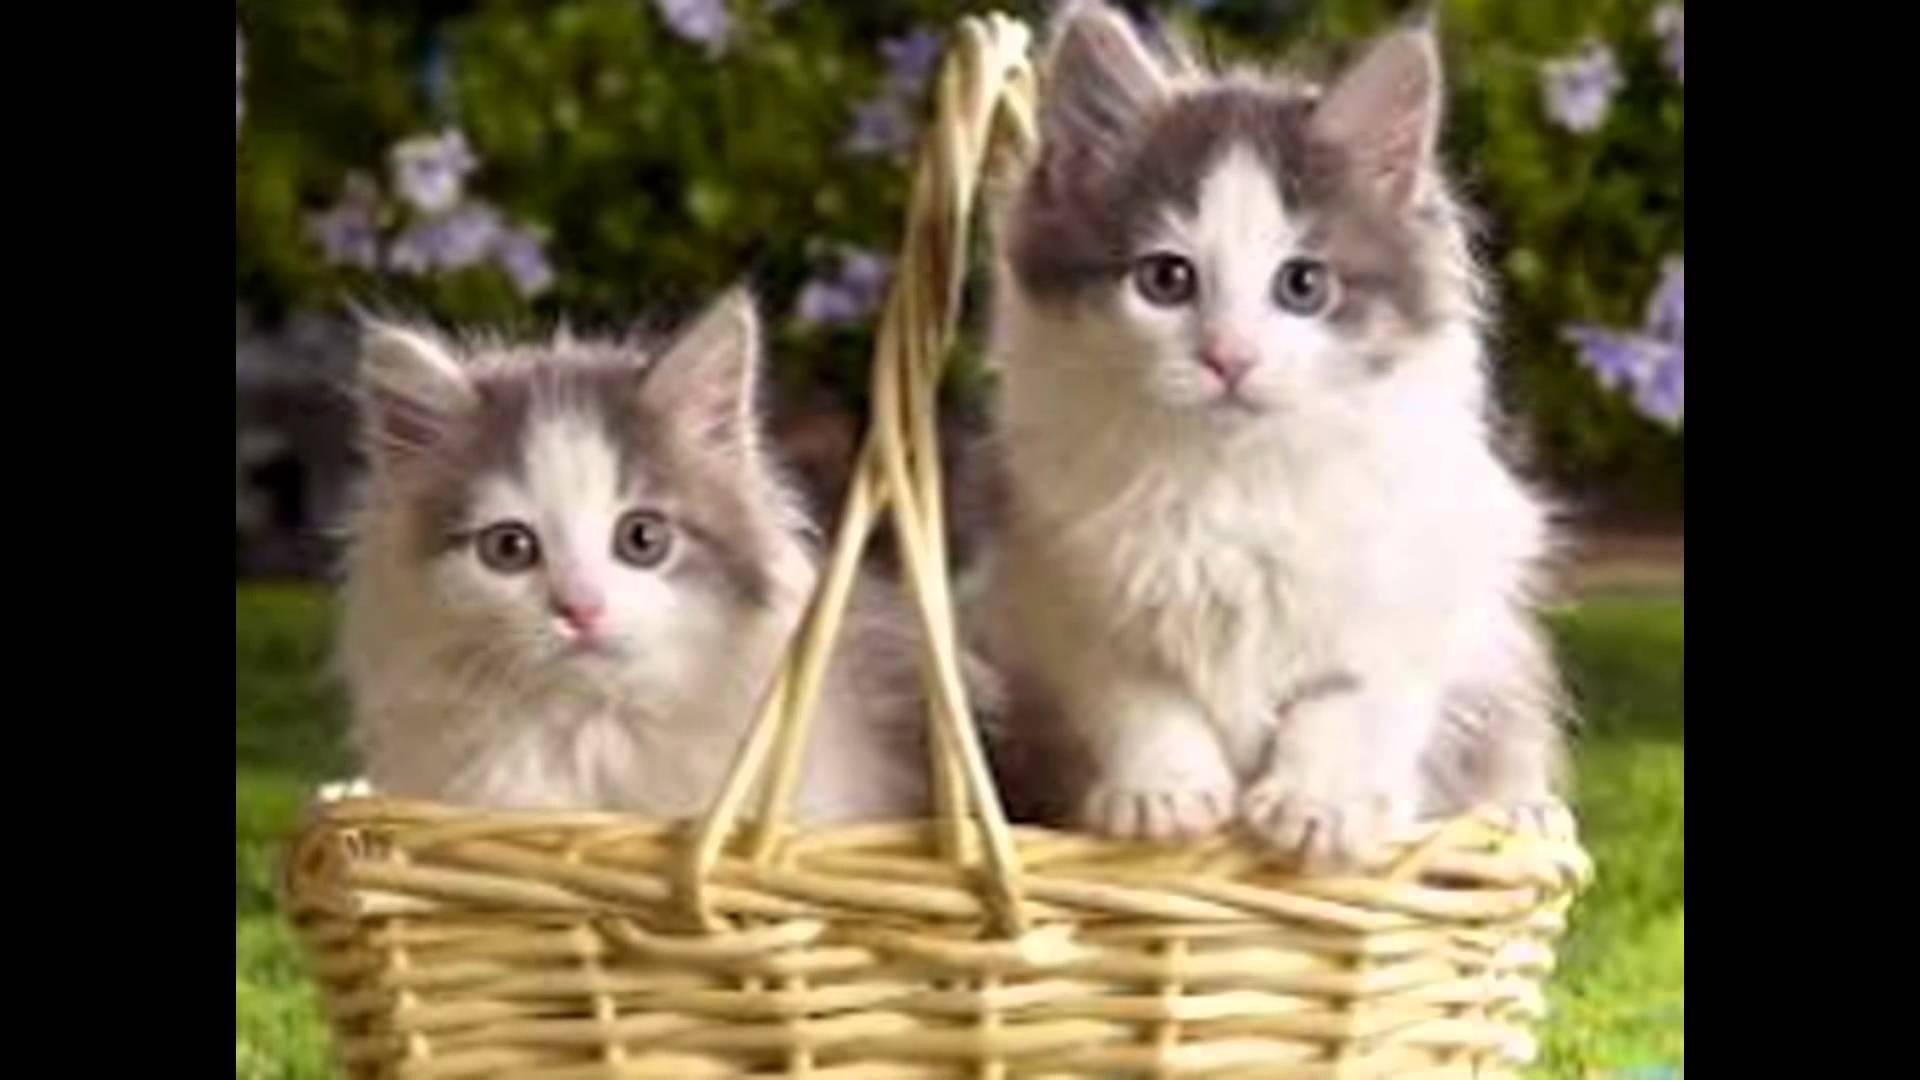 بالصور اجمل صور قطط , صور جميله عن القطط 6108 4